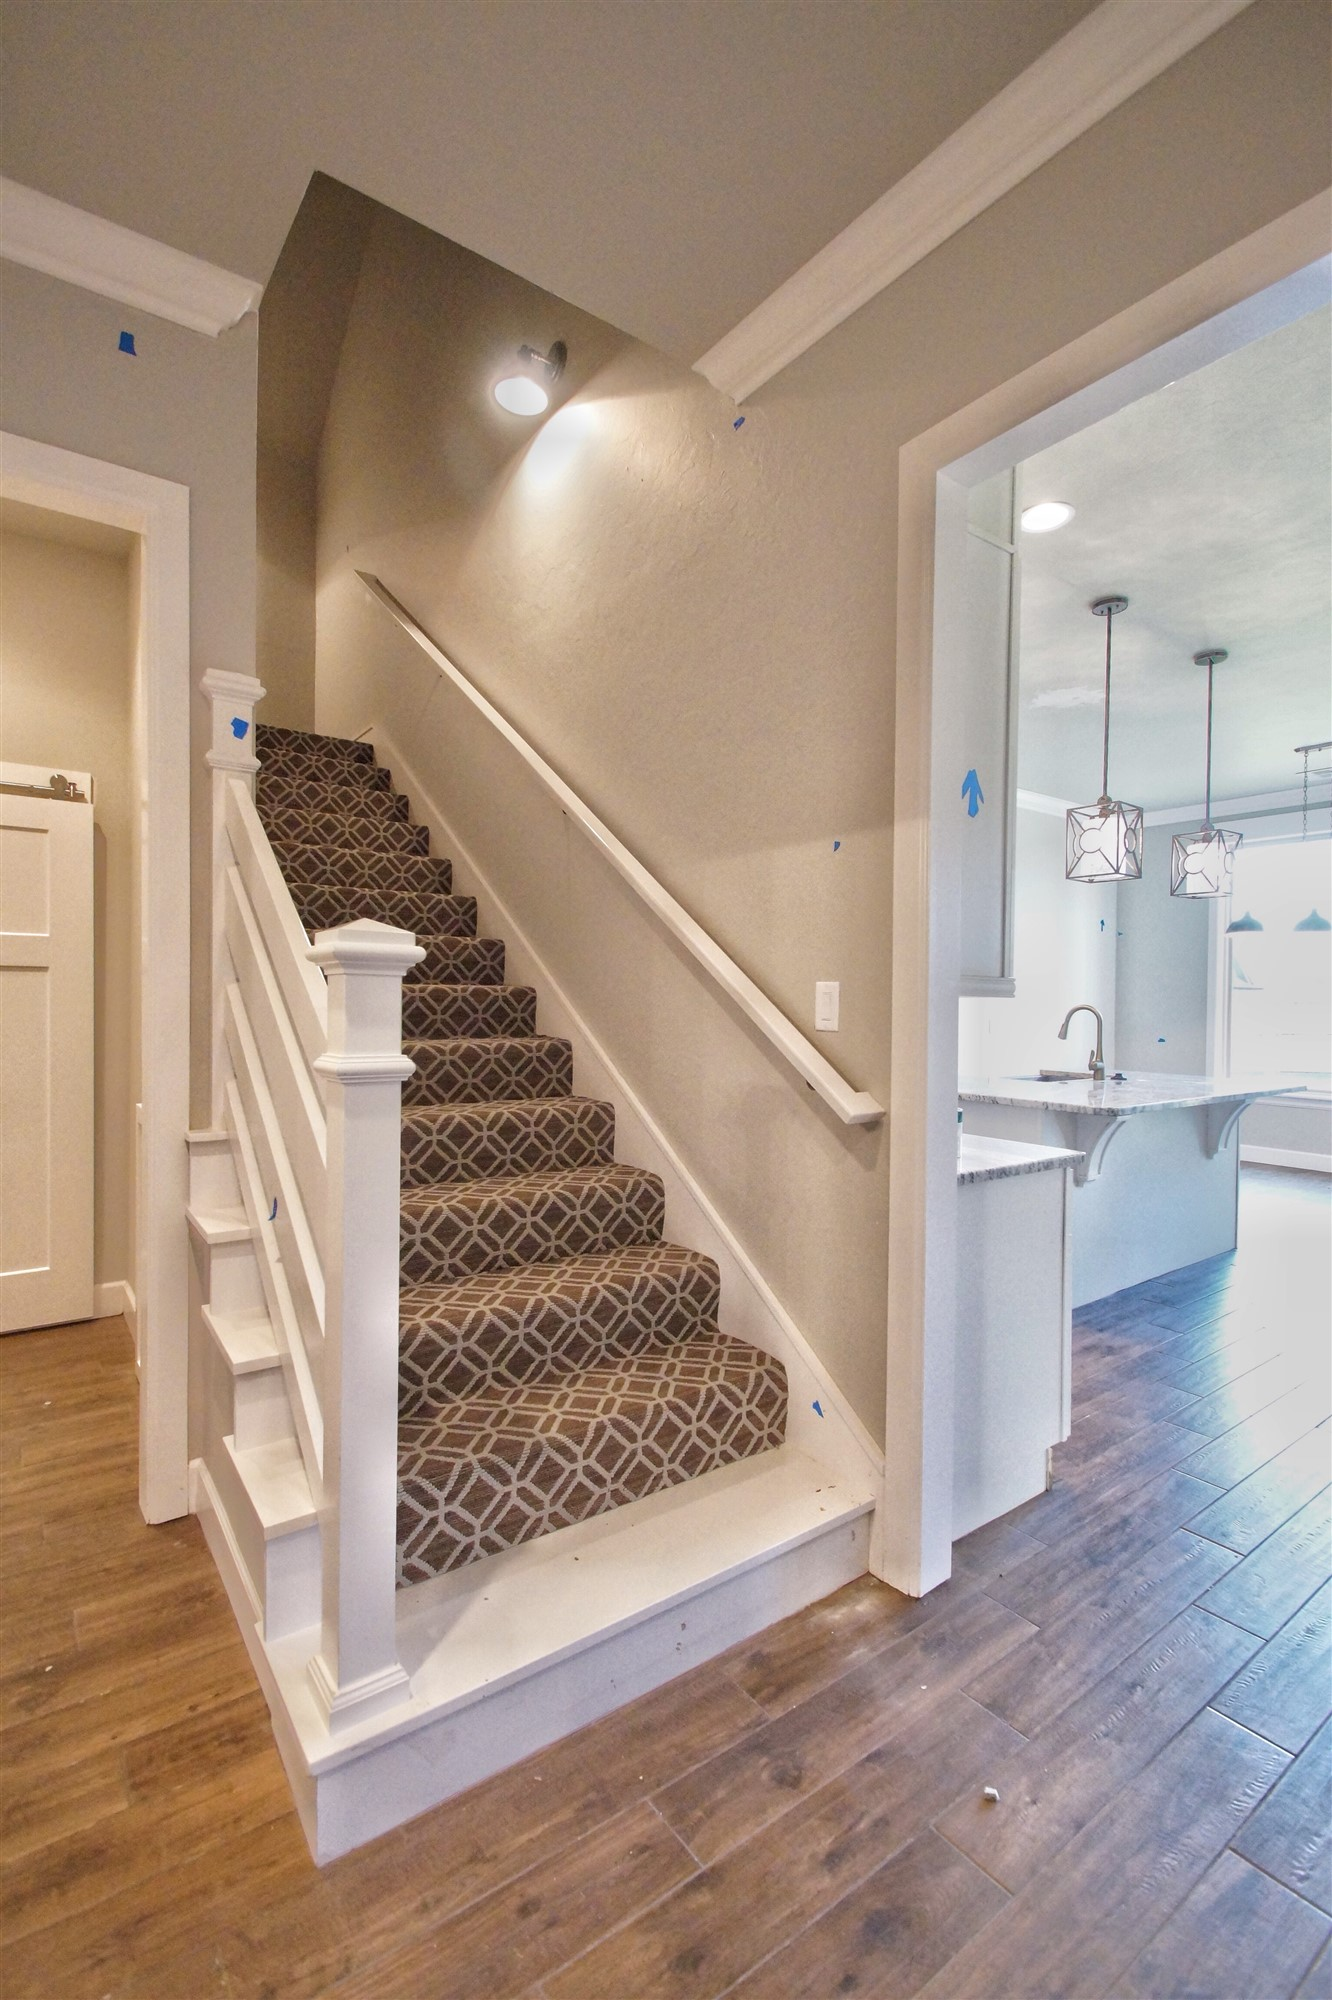 16 - Stairs.jpg